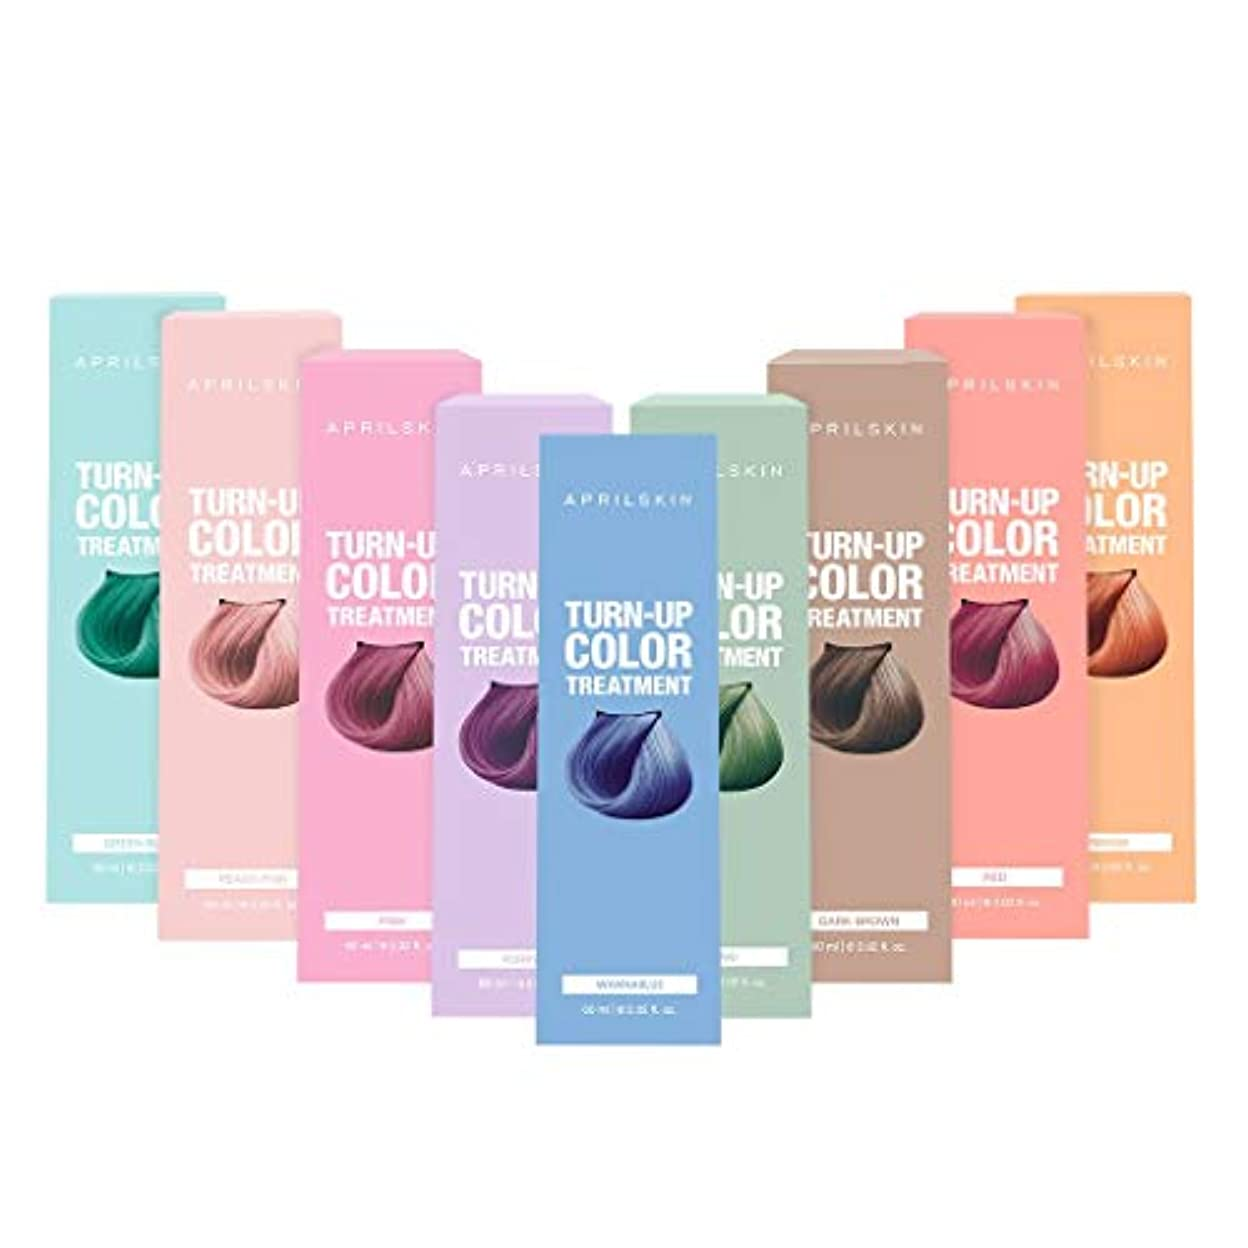 騒セージ傾くApril Skin(エイプリルスキン) ターンアップカラー トリートメント/Turn up Color Treatment 60ml Red(レッド)/K-Beauty